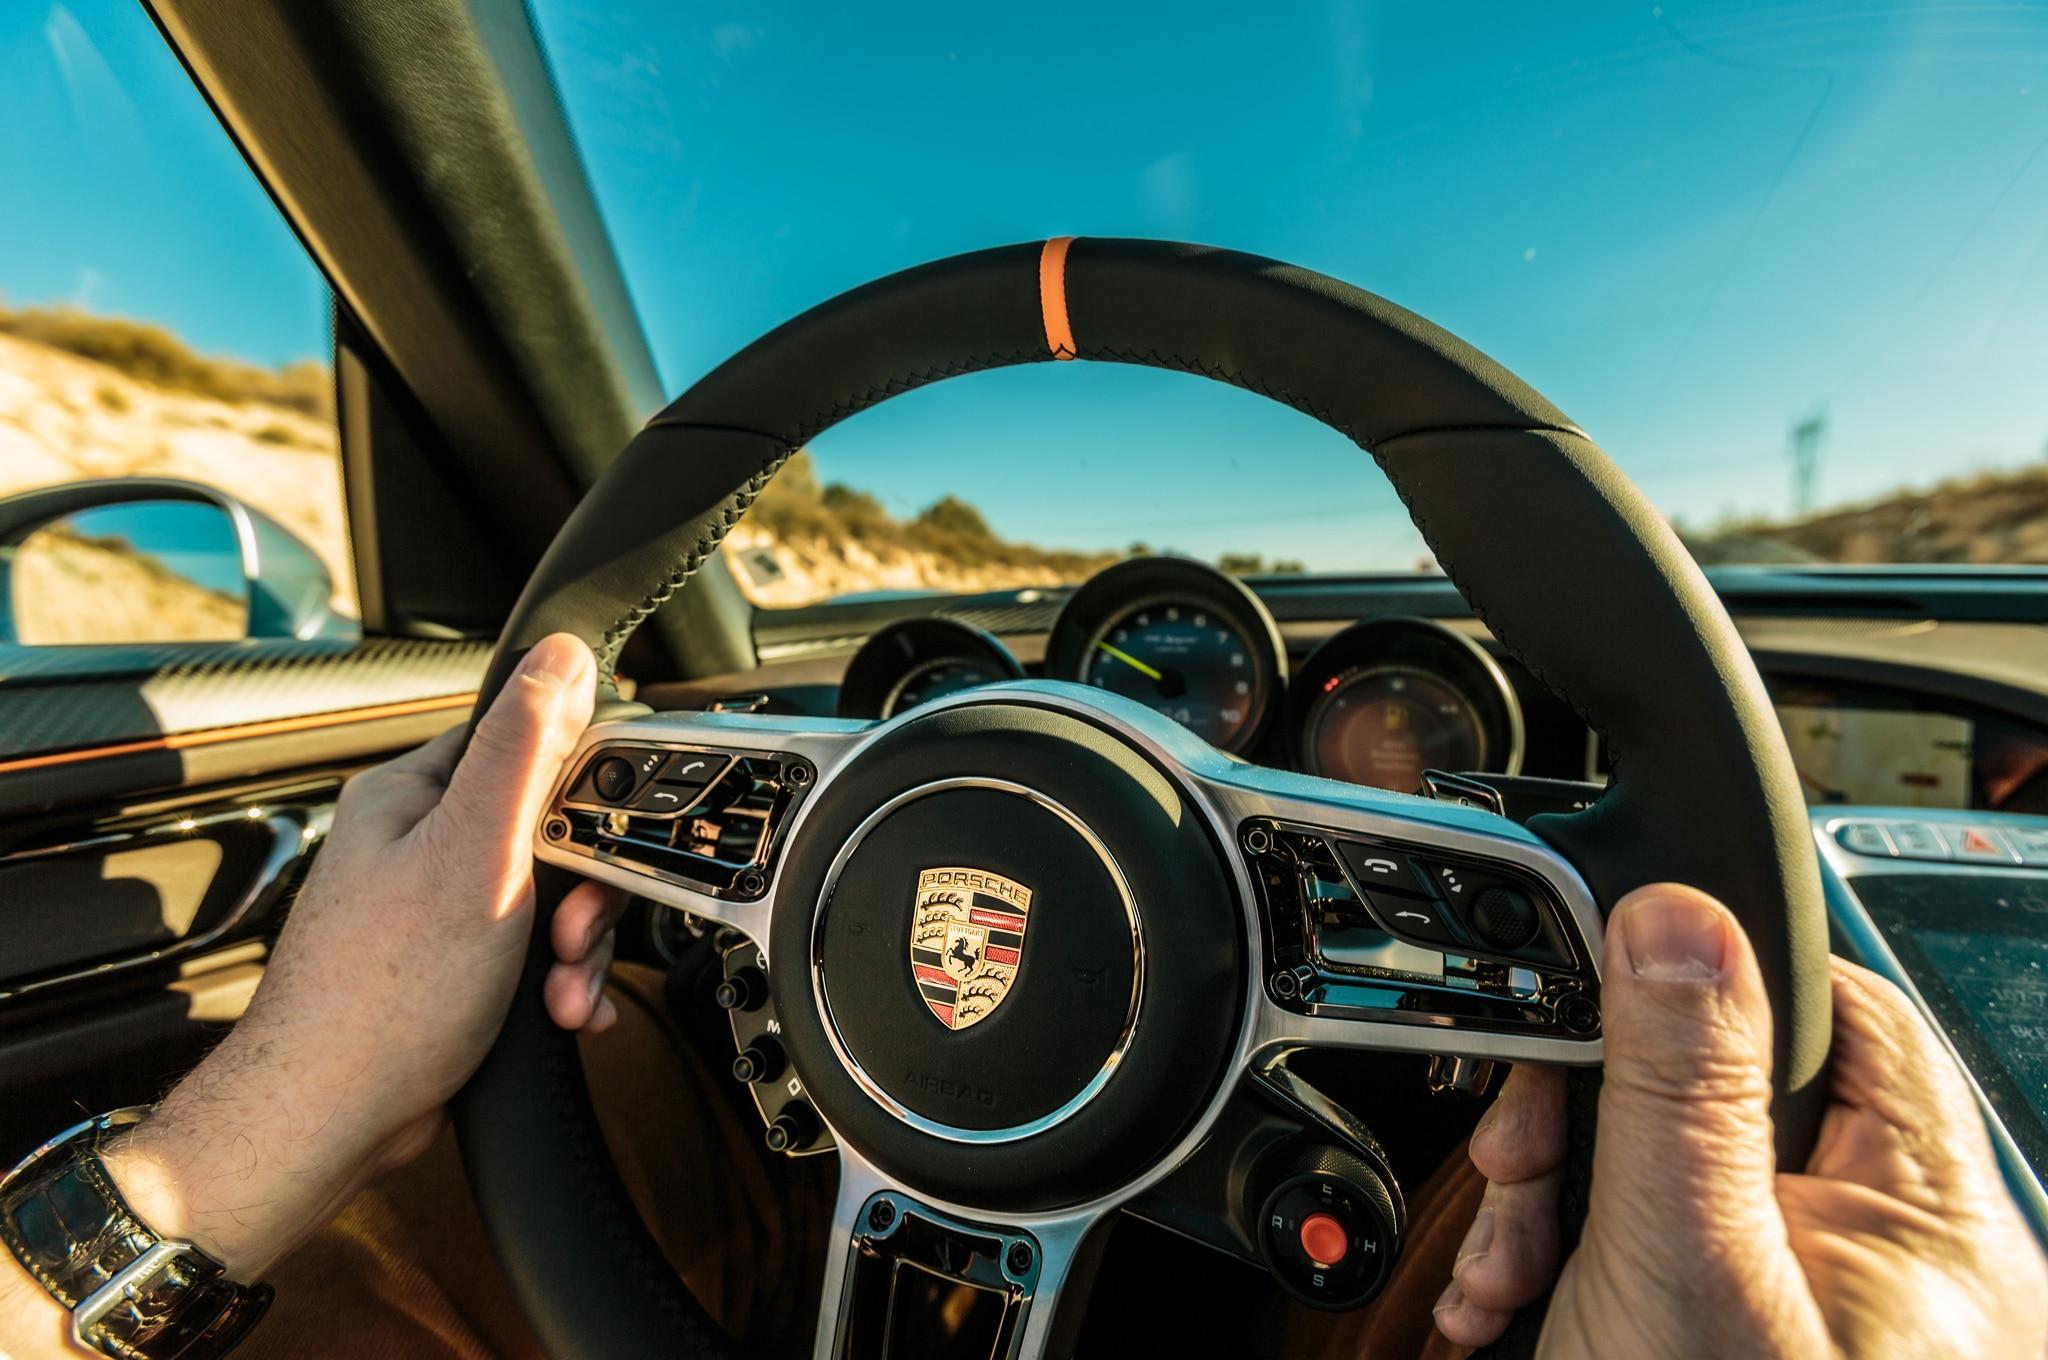 2014-Porsche-918-Spyder-in-Germany-steering-wheel-02 Fabulous Porsche 918 Spyder Real Racing 3 Price Cars Trend